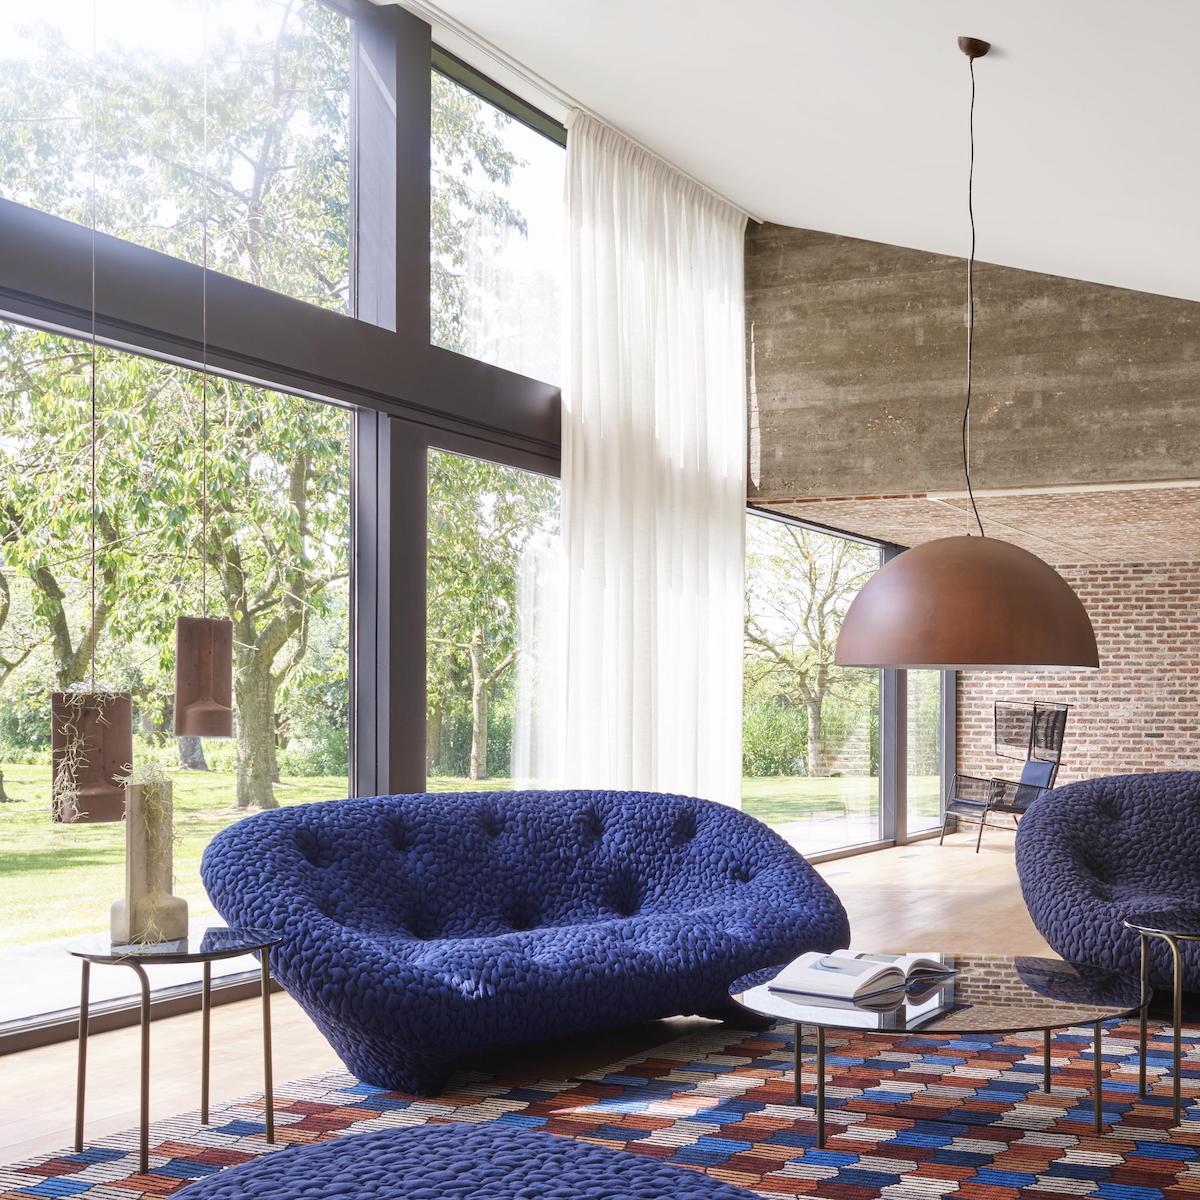 canapé rond confortable bleu marine sans pieds salon design rétro lumineux baies vitrées